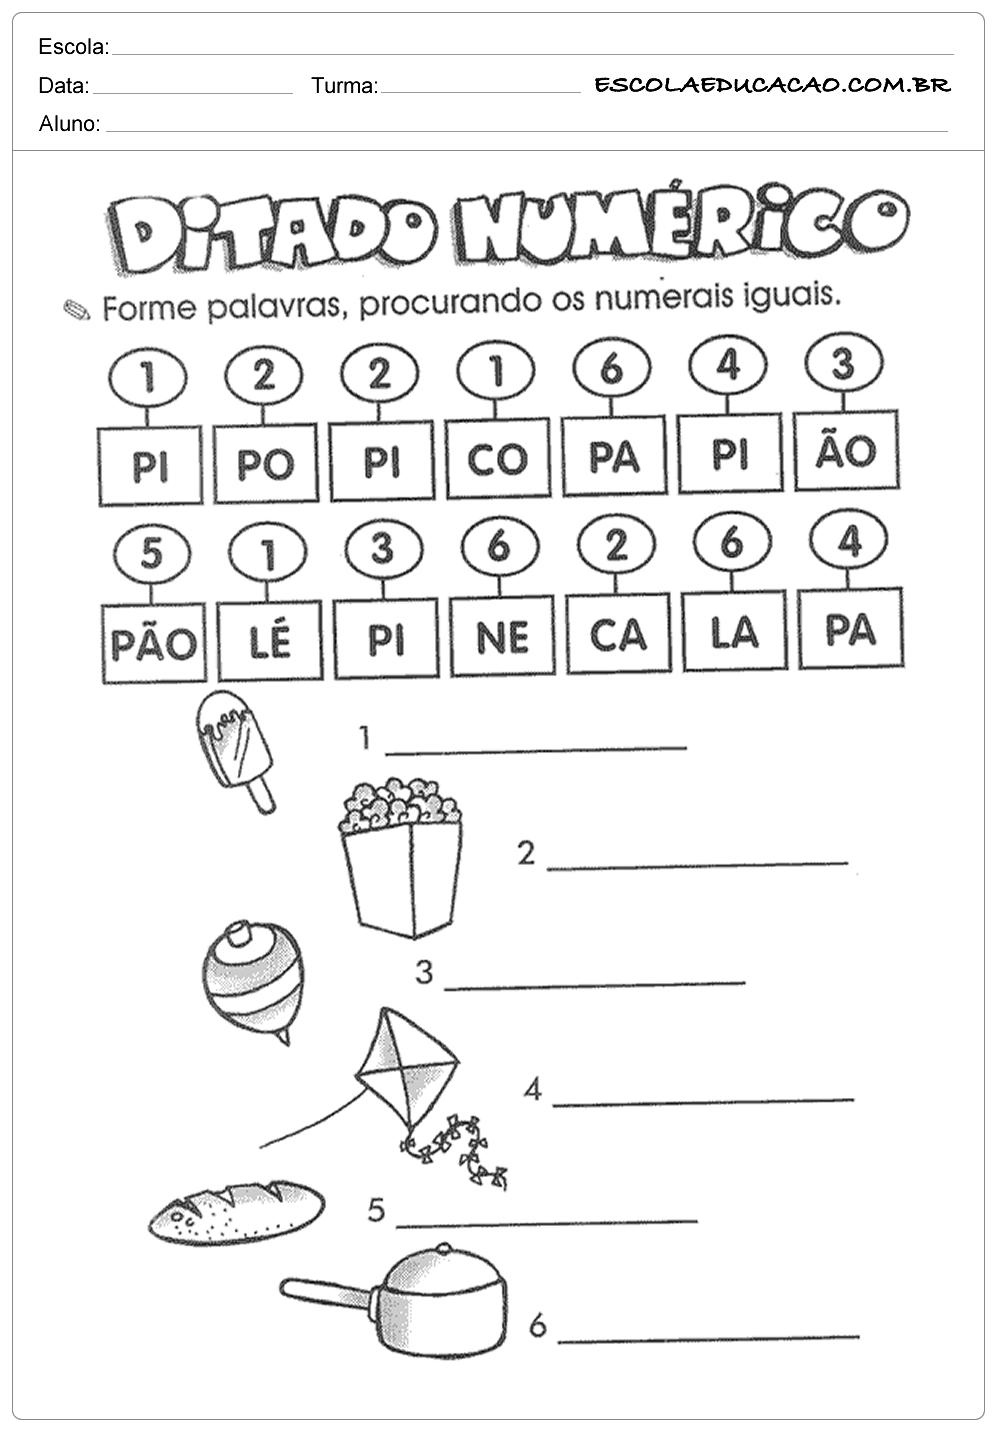 Atividades de Português 1º ano – Ditado numérico